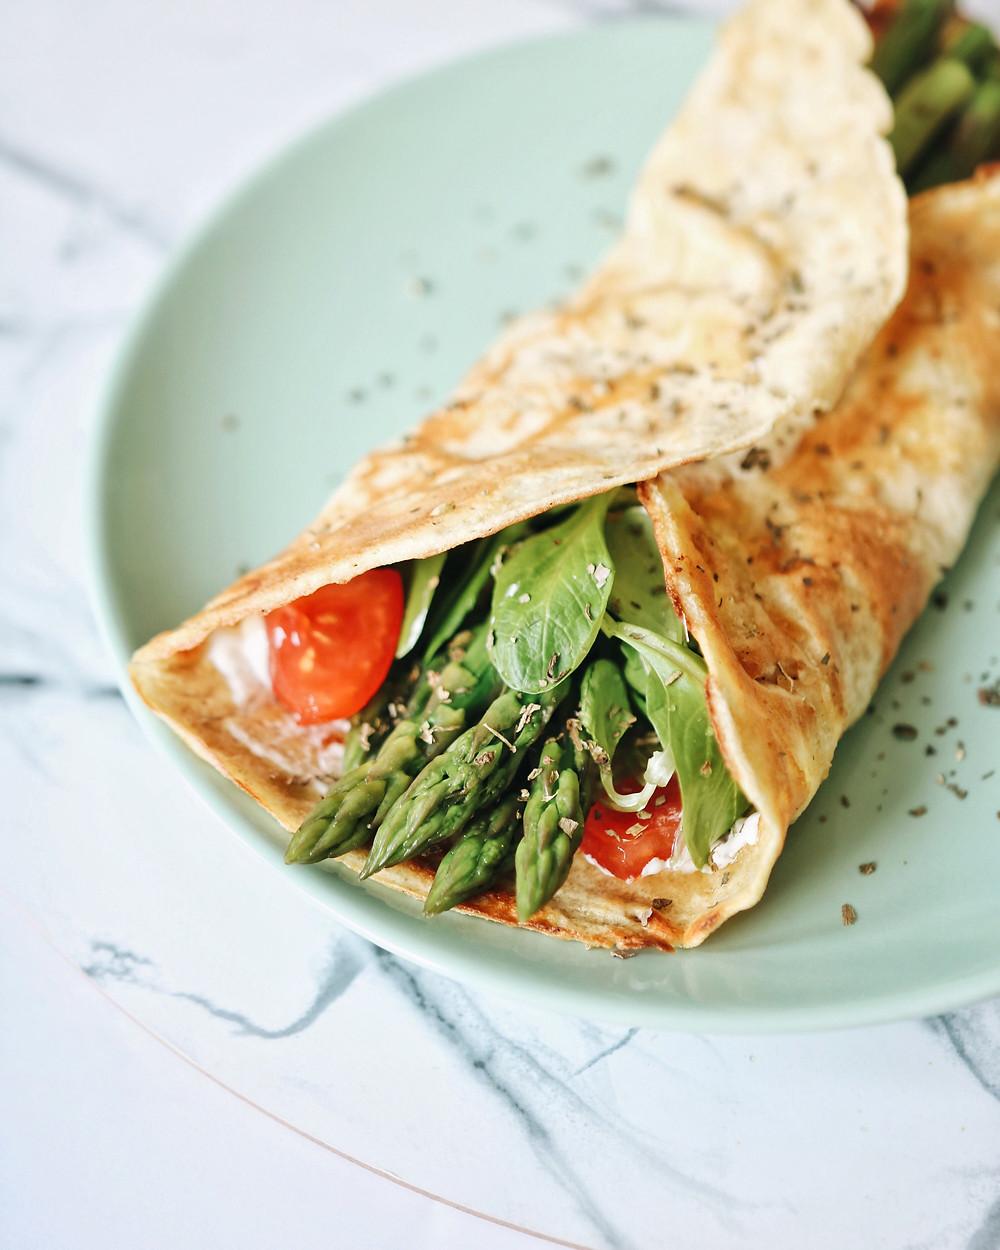 Slane palačinke bez glutena, sa šparogama, rajčicama i matovilcem na zelenom tanjuru.